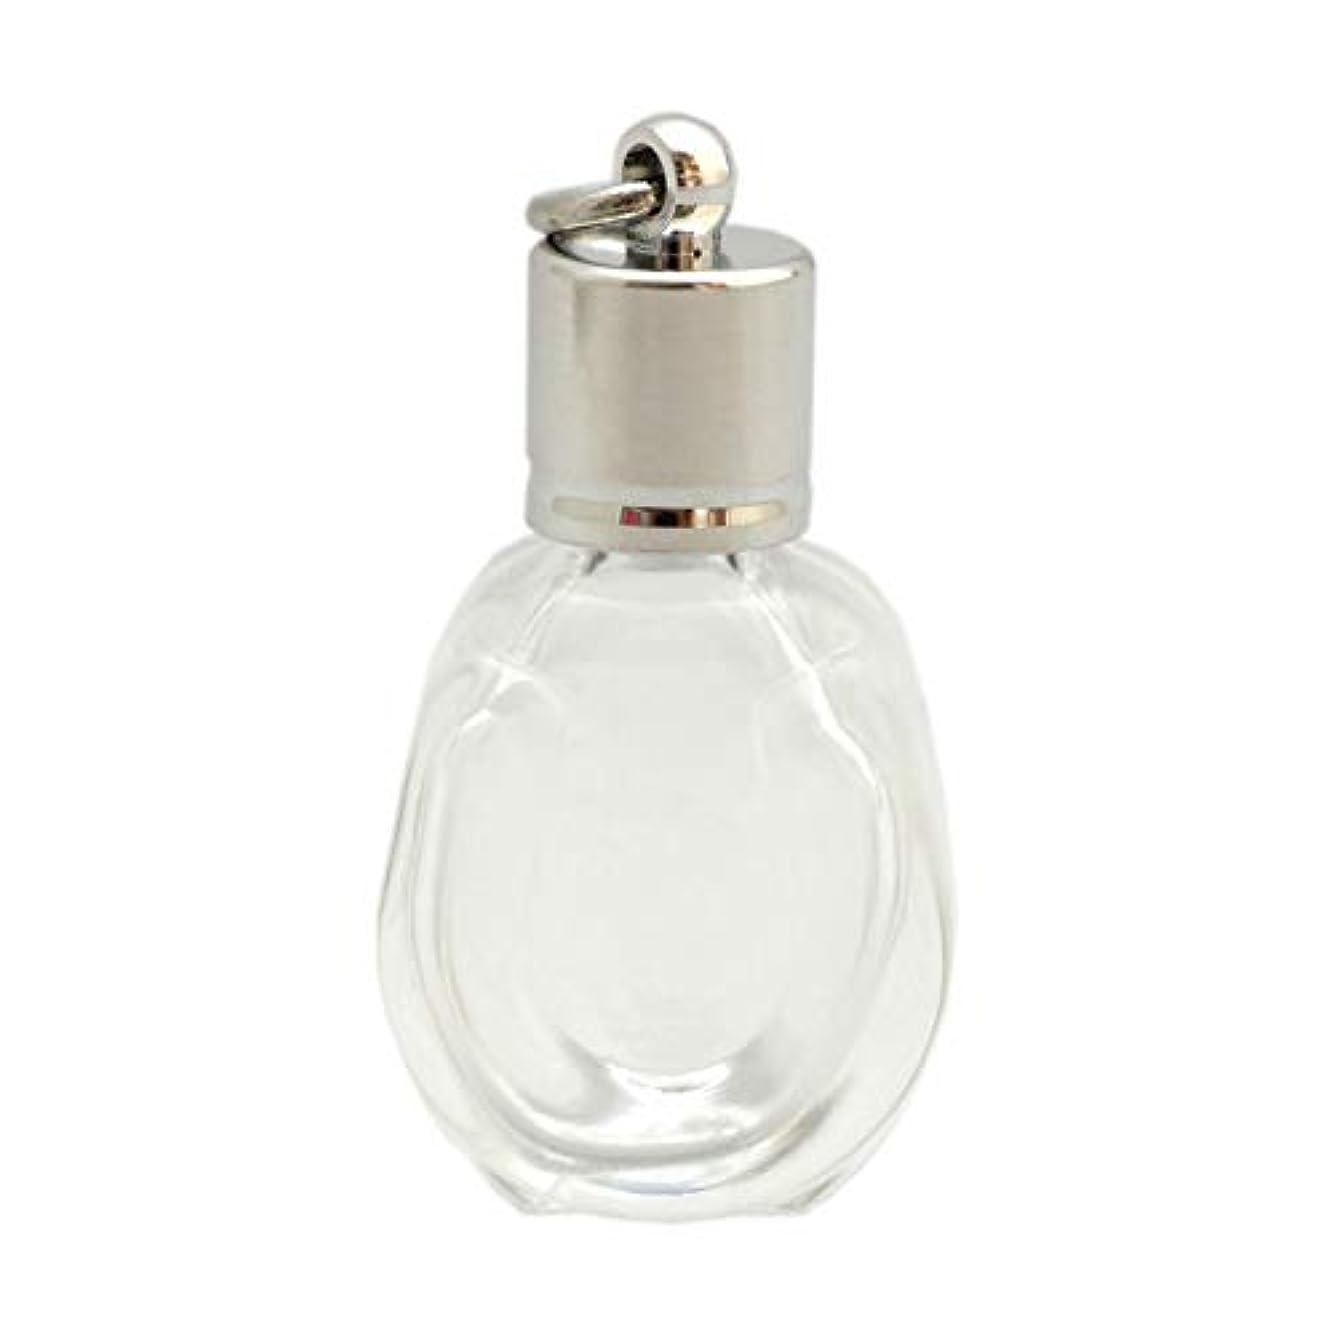 彫刻家たぶん描くミニ香水瓶 アロマペンダントトップ 馬蹄型(透明 容量1.3ml)×穴あきキャップ シルバー